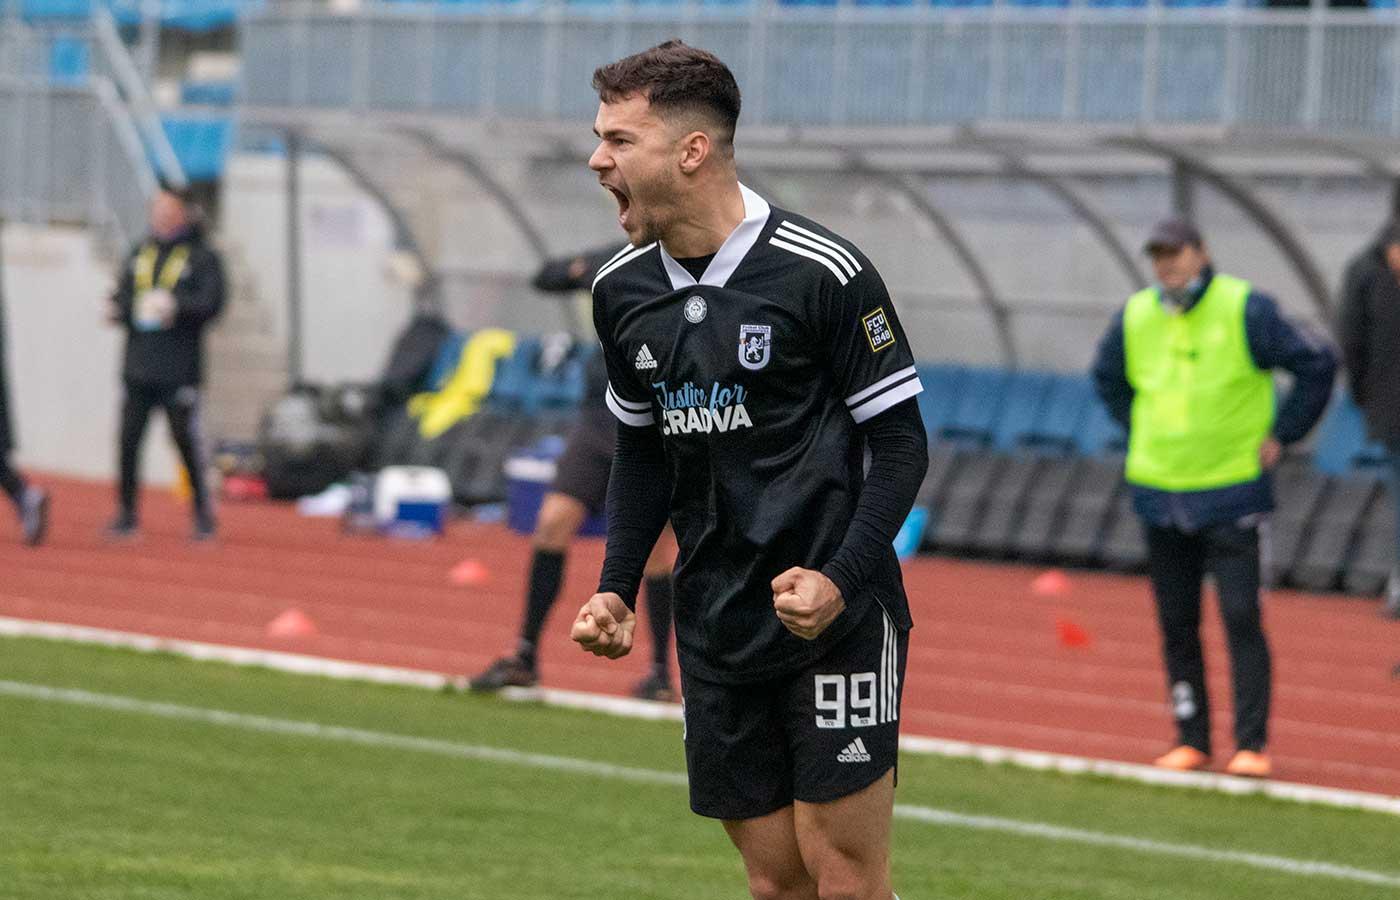 Liga 2 - Etapa 15 - Pandurii - FCU - A doua repriză - 5 decembrie 2020